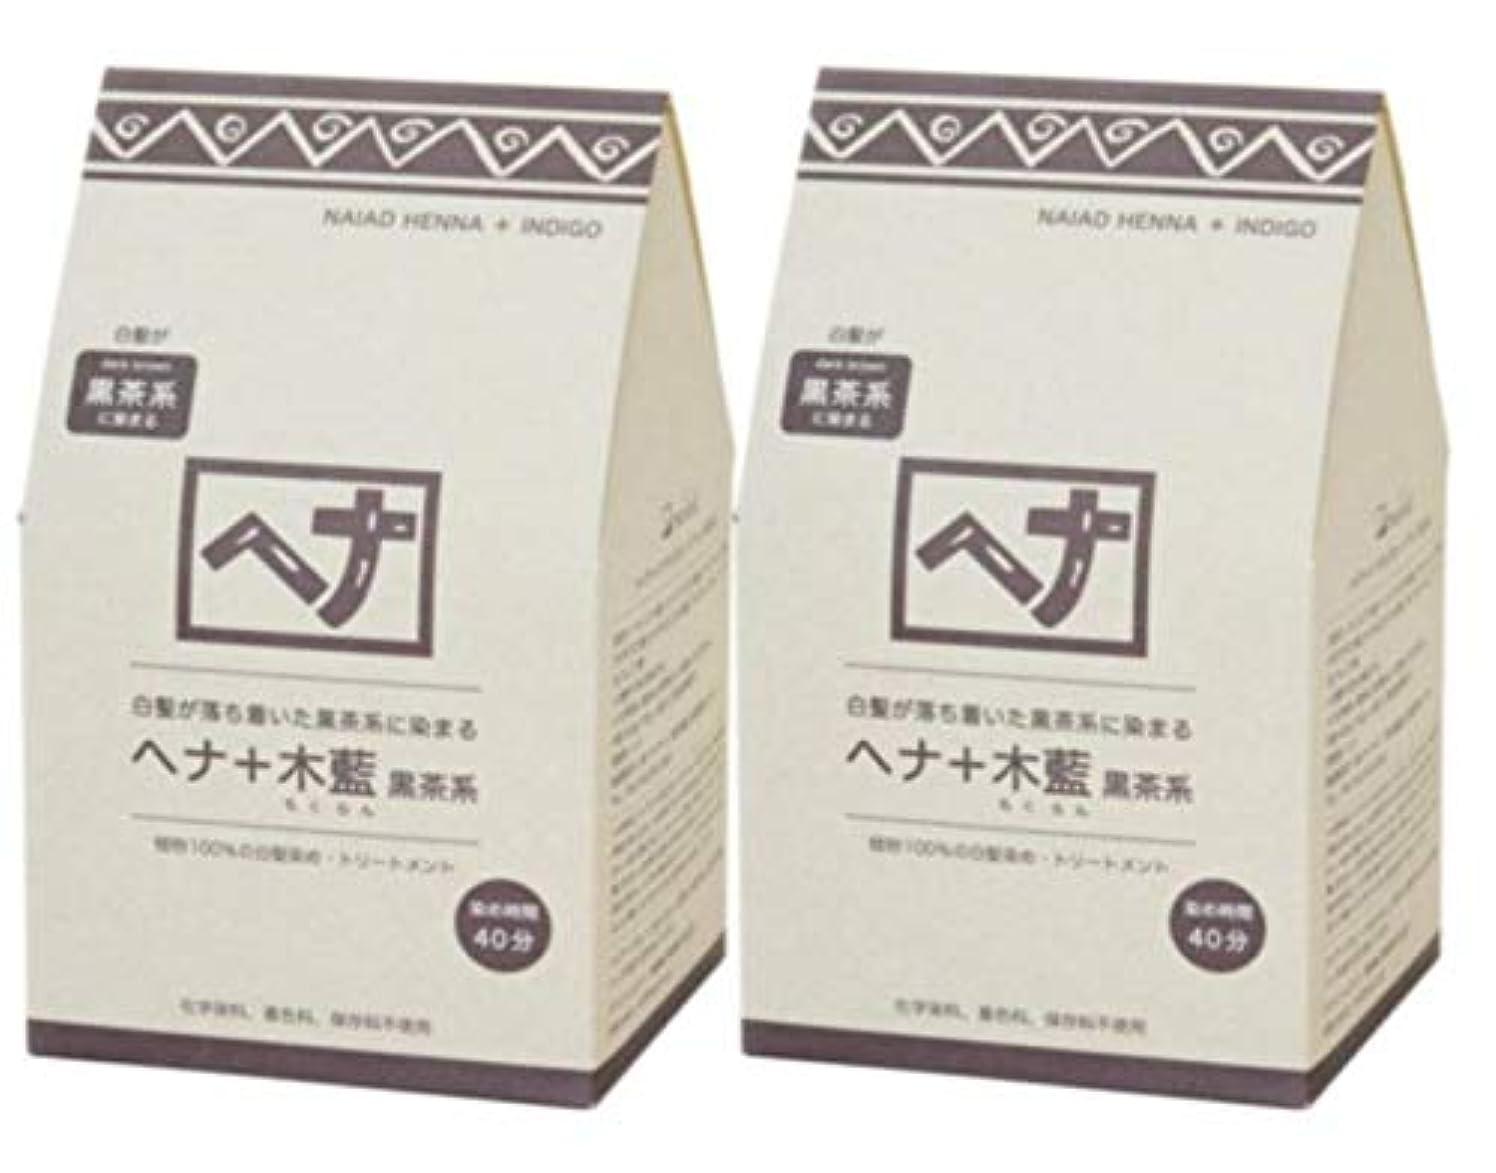 よろしくネーピア湾Naiad(ナイアード) ヘナ+木藍 黒茶系 400g 2個セット